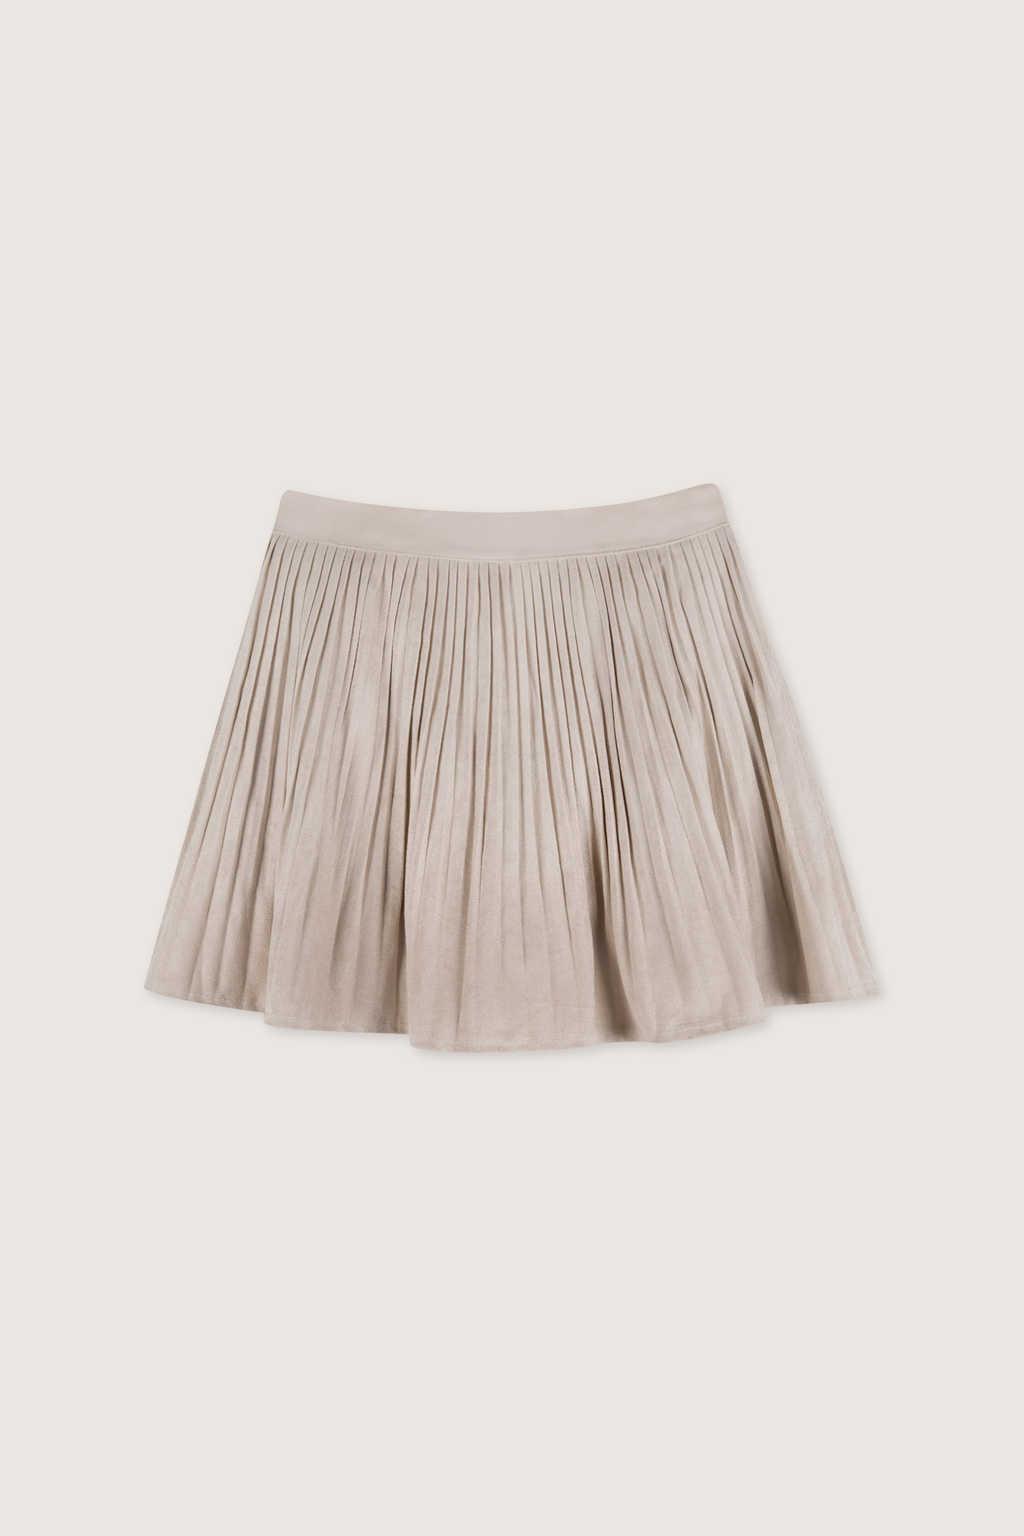 Skirt H153 Beige 7